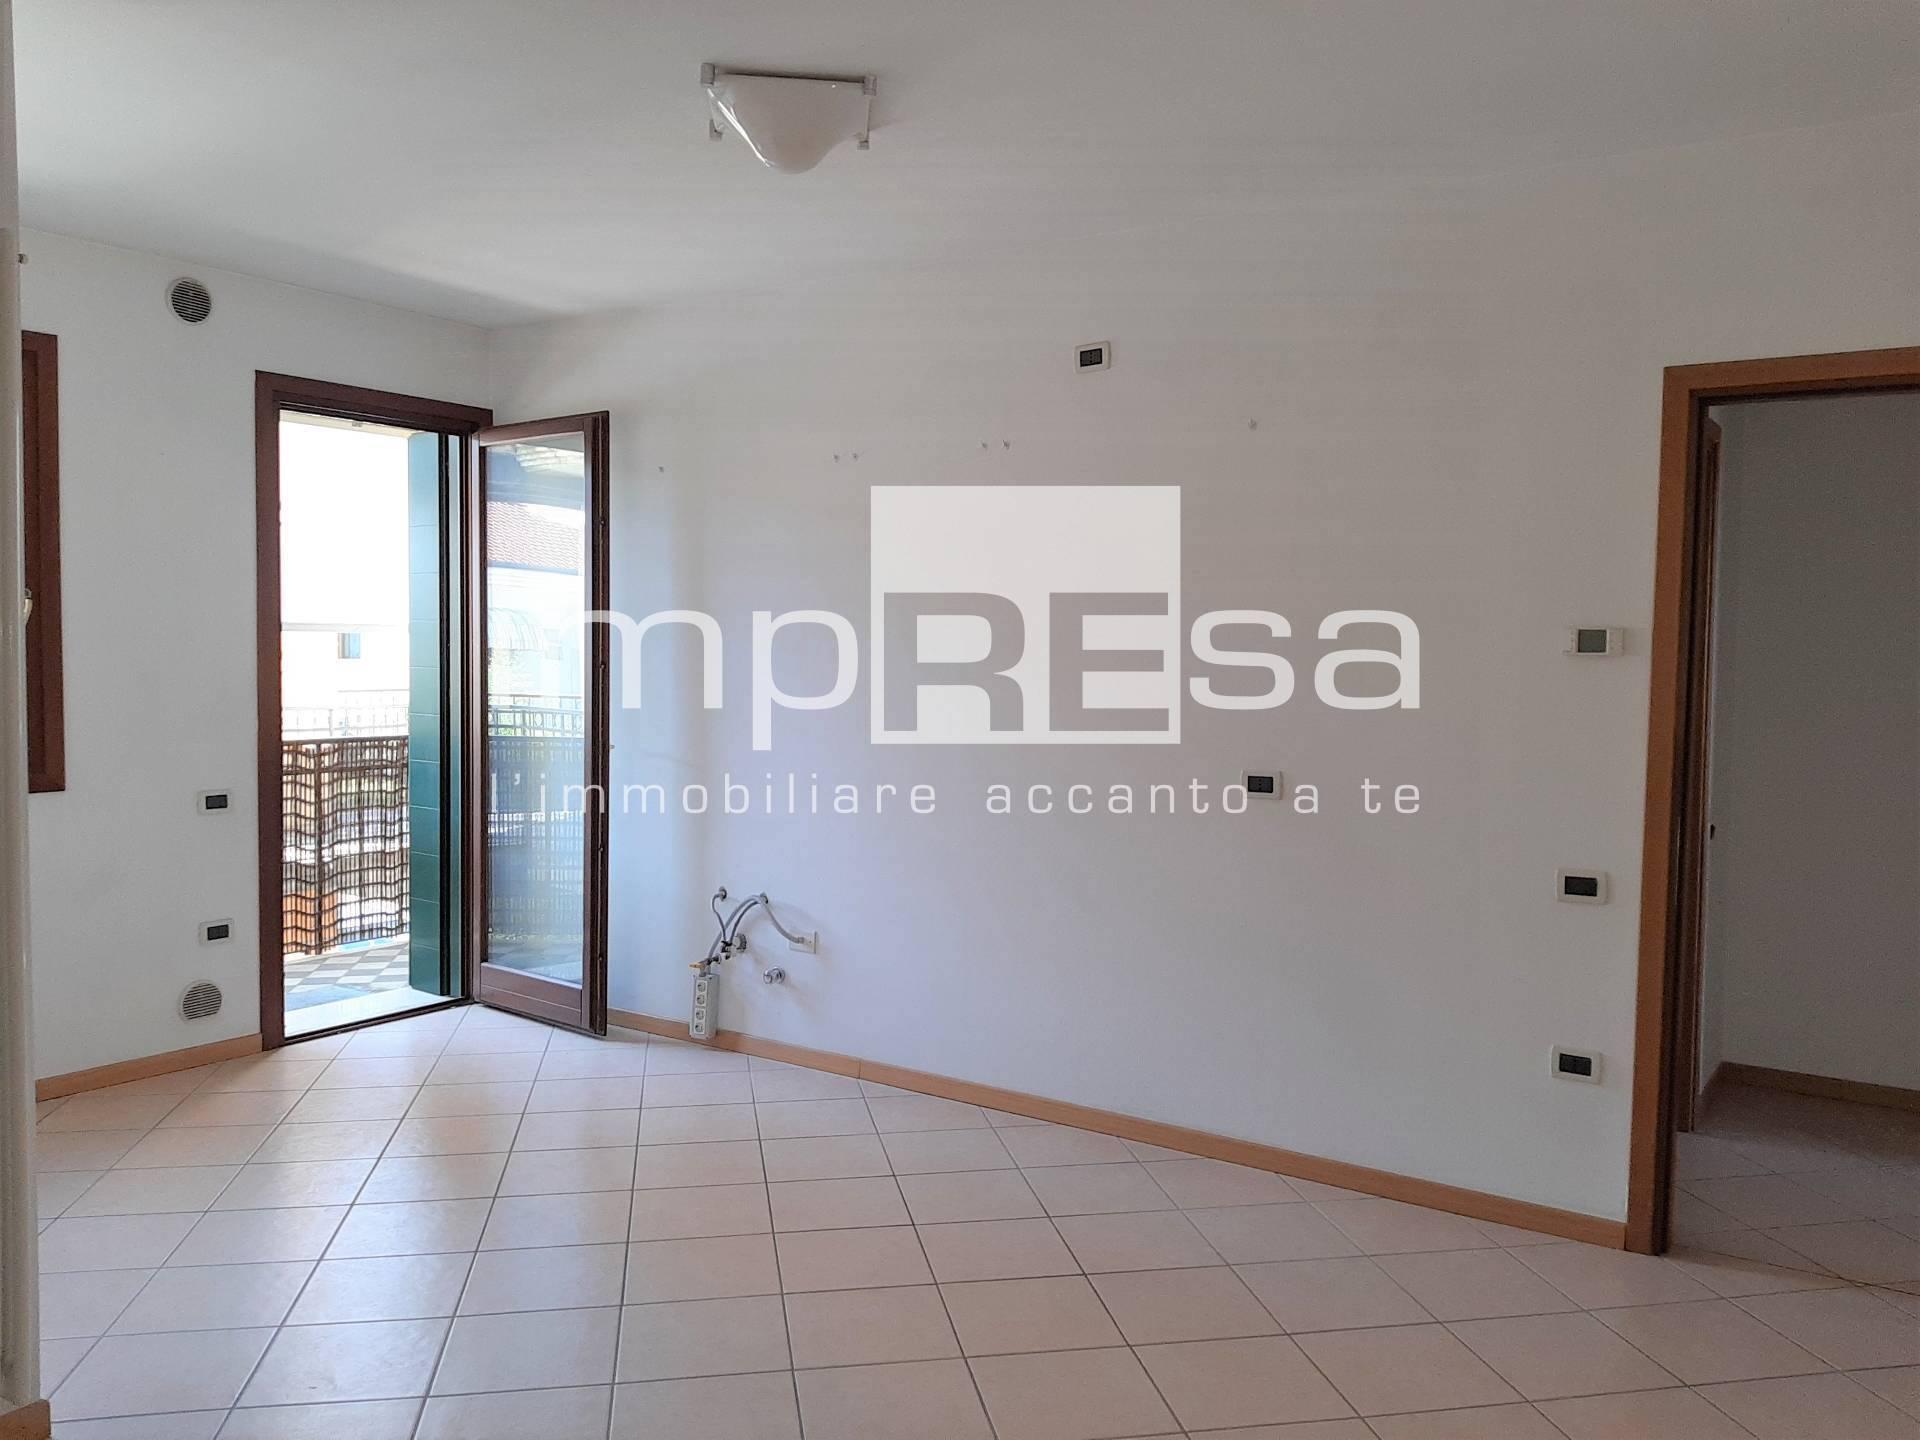 Appartamento in vendita a Giavera del Montello, 2 locali, zona Zona: Cusignana, prezzo € 57.000 | CambioCasa.it